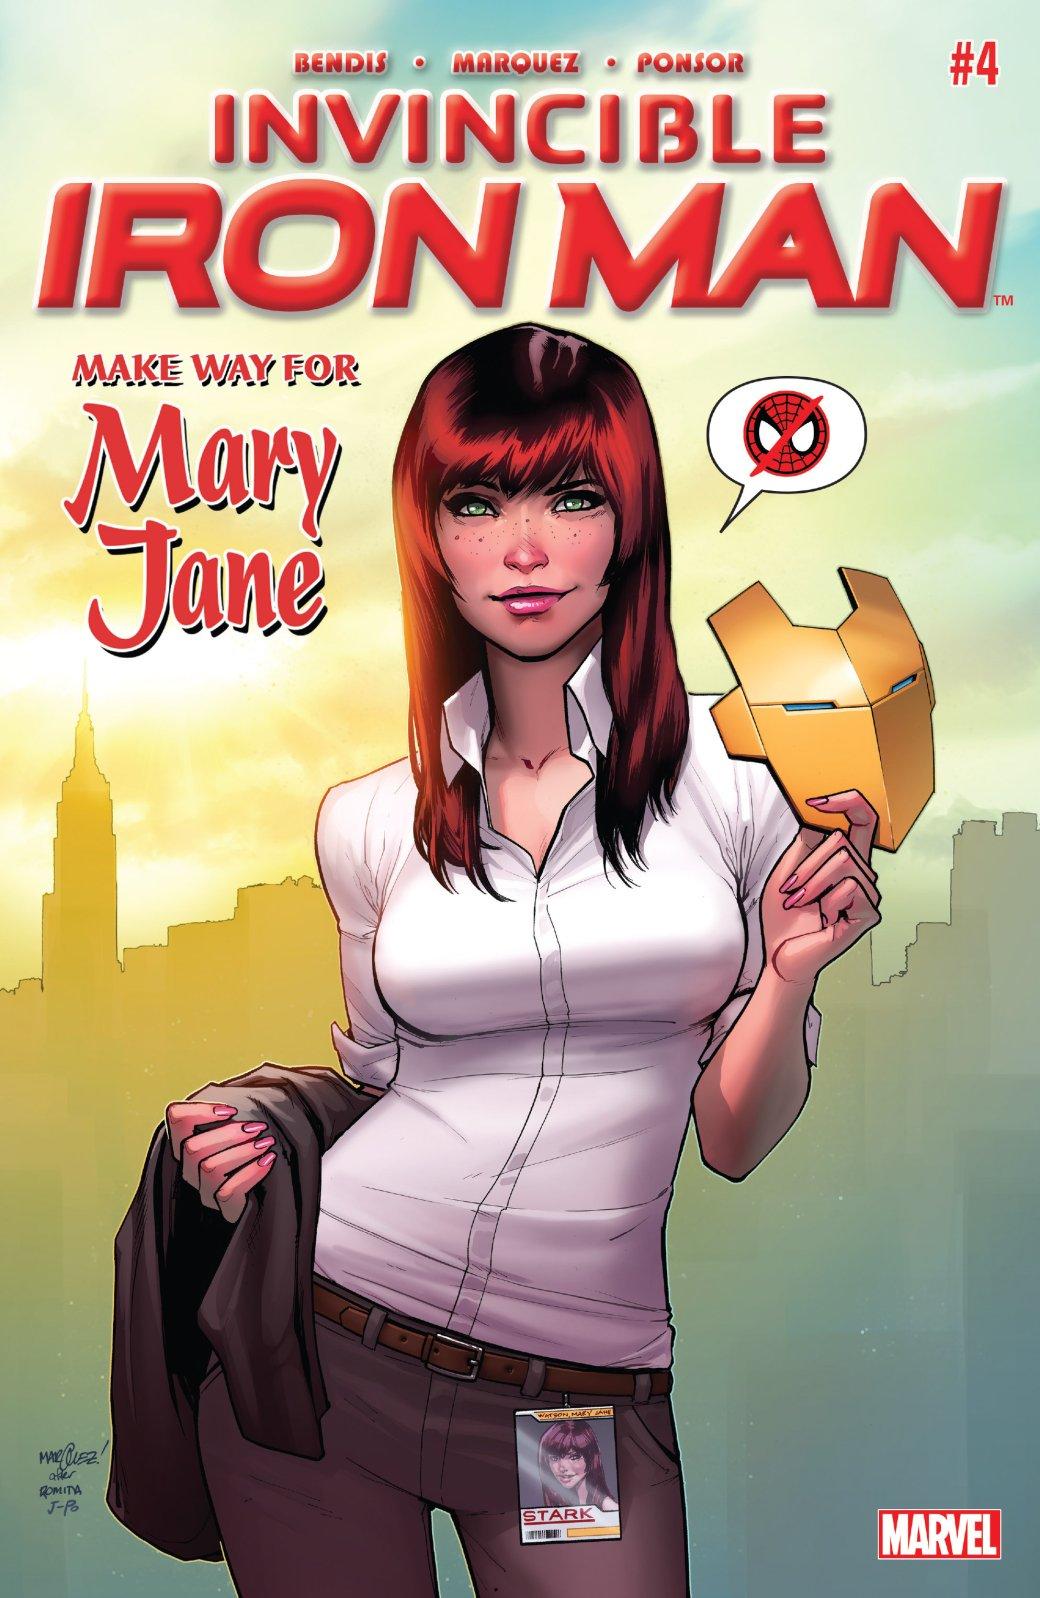 Мэри Джейн Уотсон— жена Человека-паука, модель, помощница Старка. Как менялся образ вкомиксах? | Канобу - Изображение 0